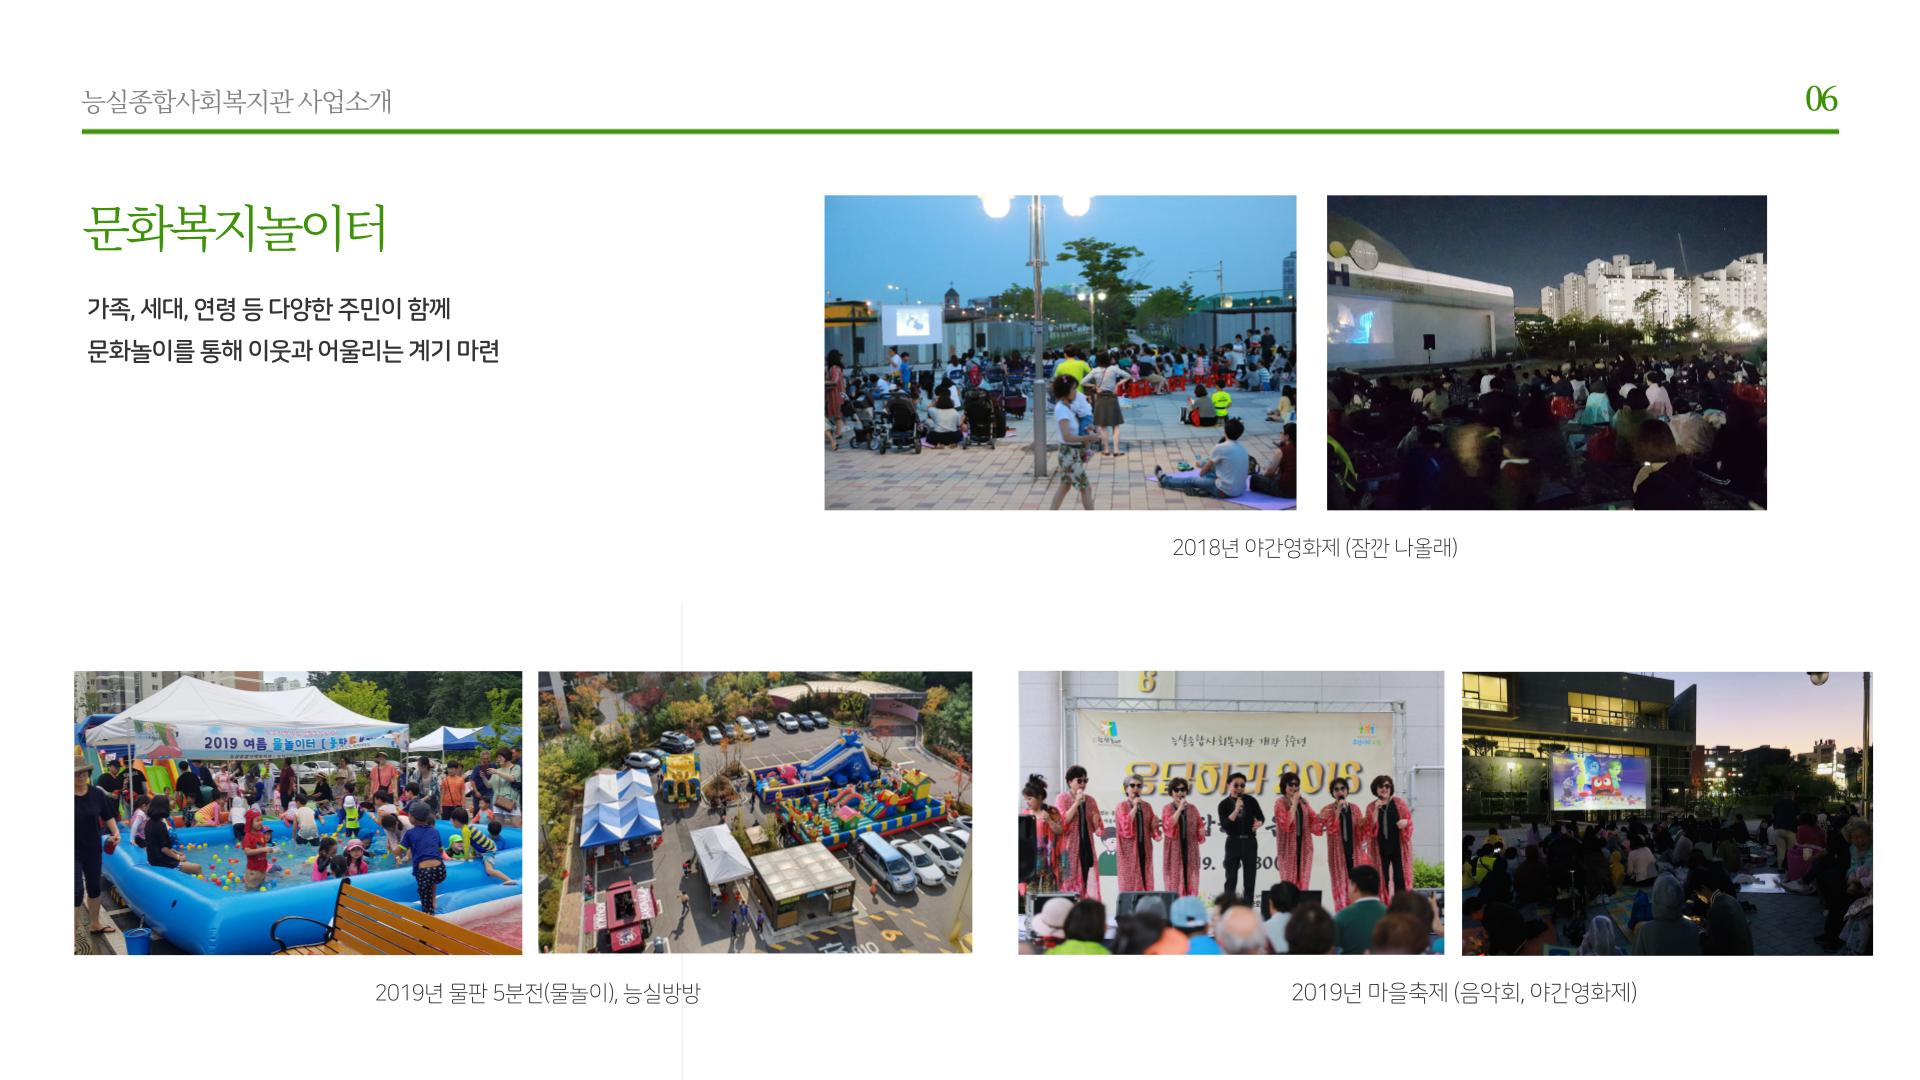 우복소_능실종합사회복지관-6.png